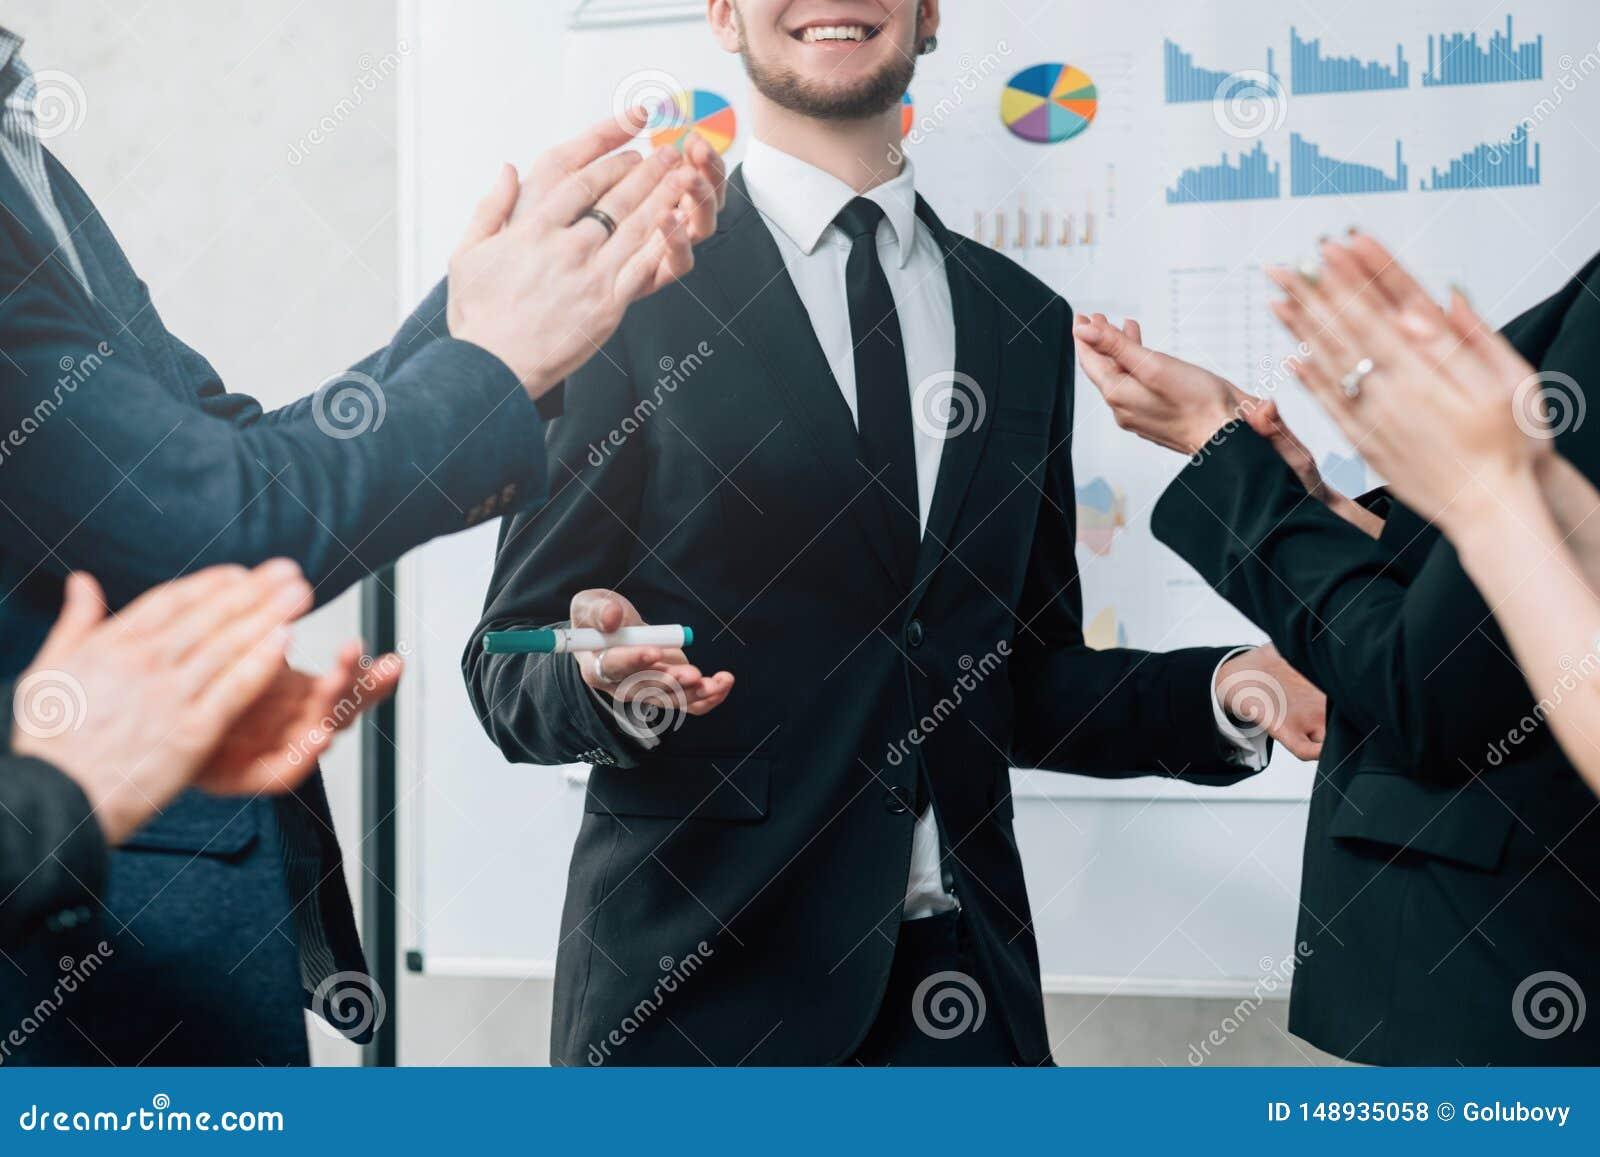 Desempenho bem sucedido da estrat?gia empresarial eficaz